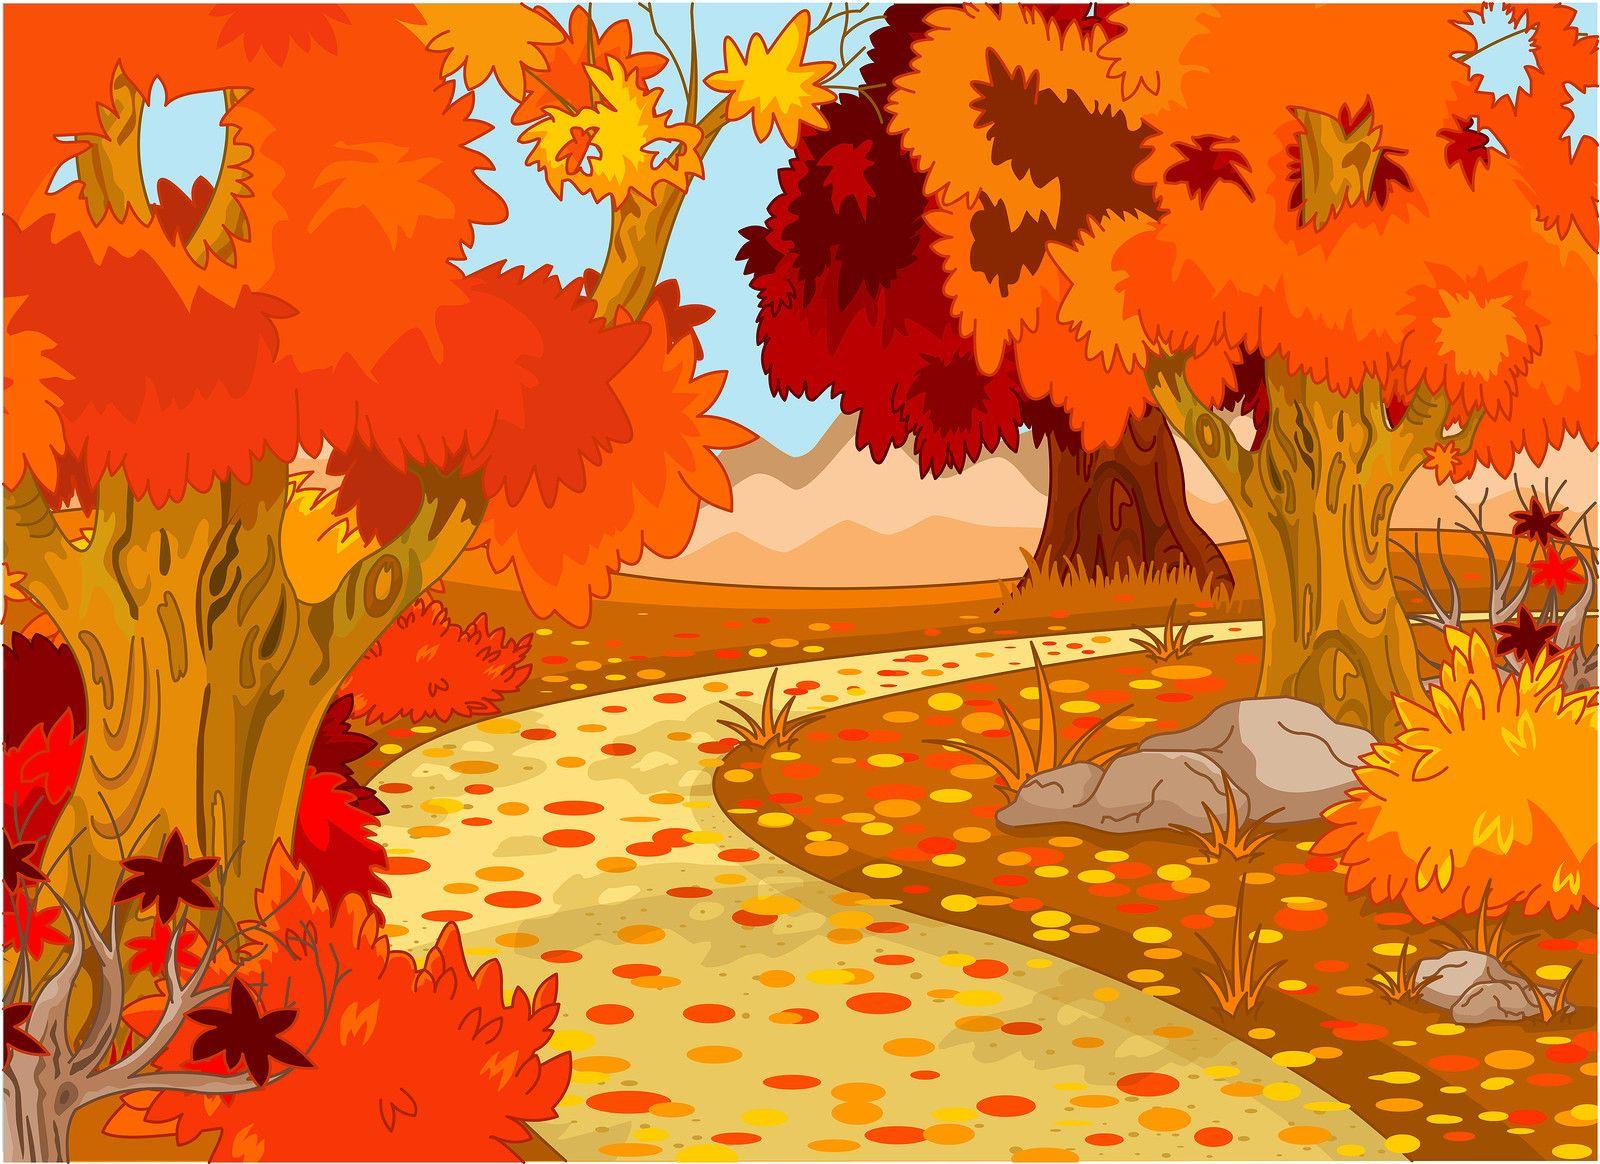 Pin by Muradija Rizvanović on za djecu   Forest landscape, Autumn forest, Landscape illustration